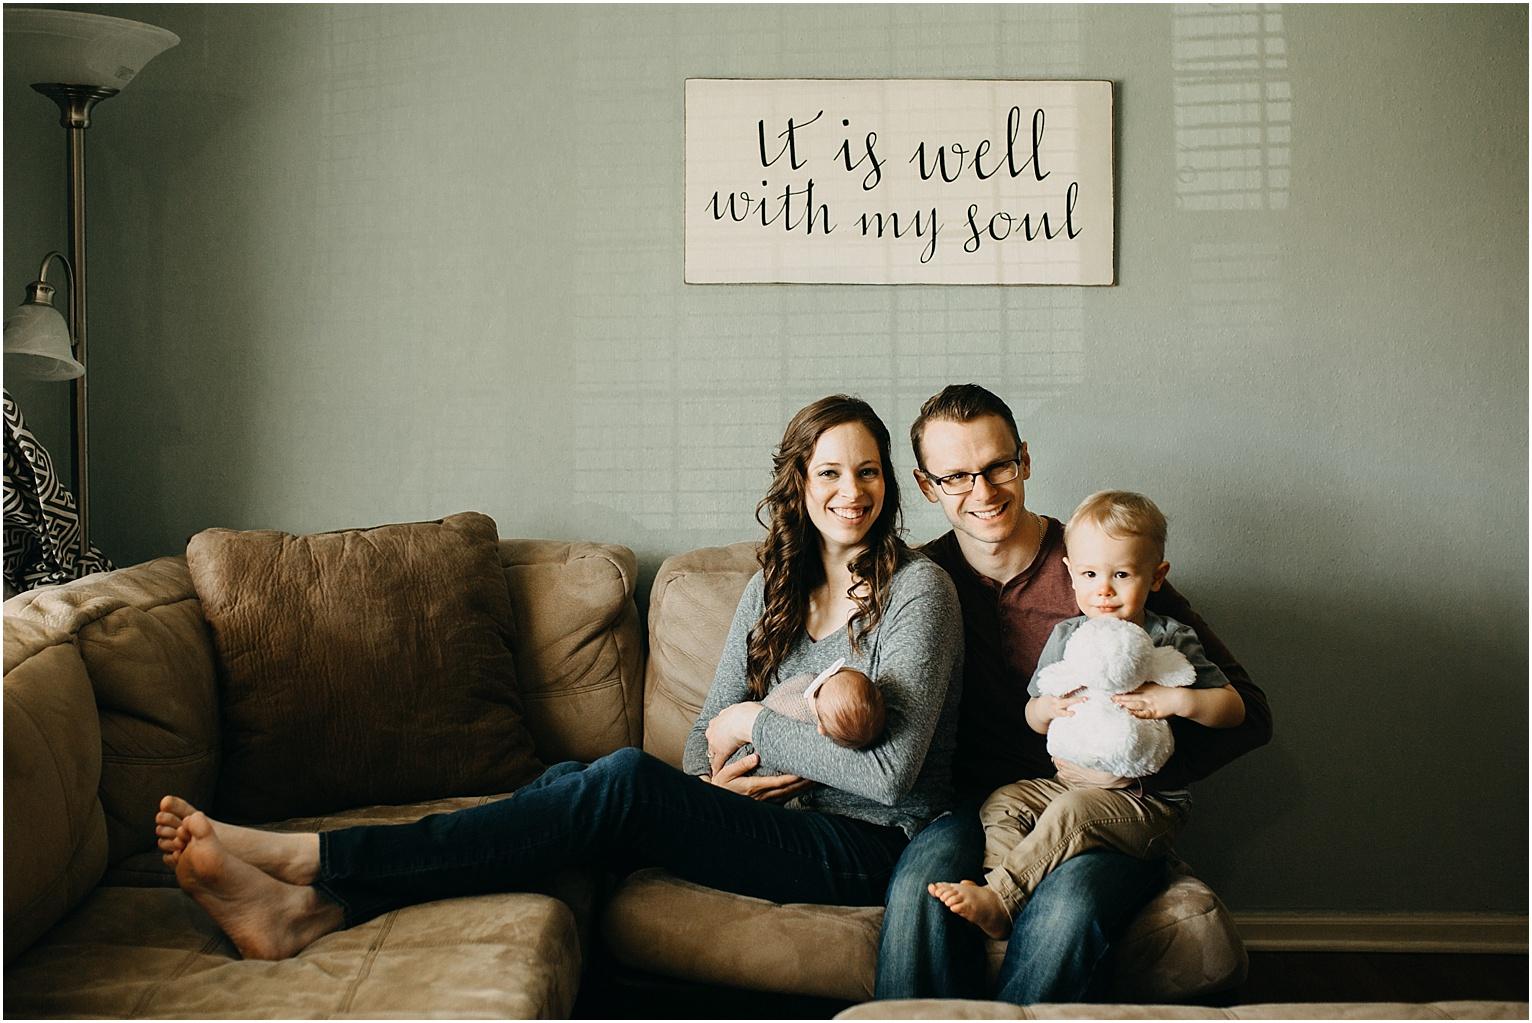 springfield Missouri family photography